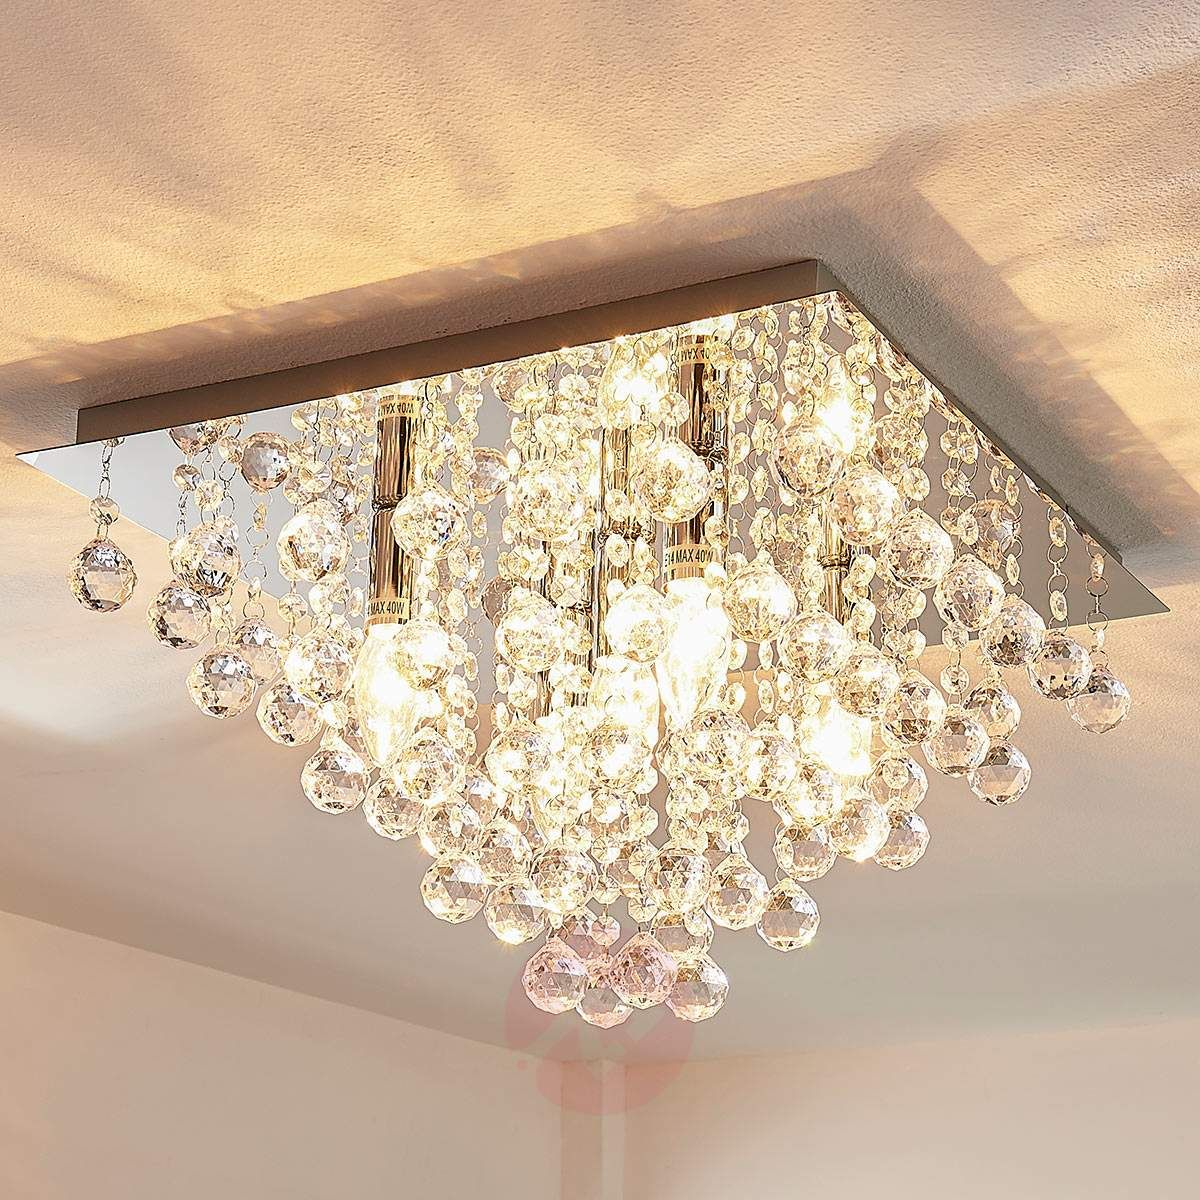 lampy do salonu sufitowe nowoczesne toruń